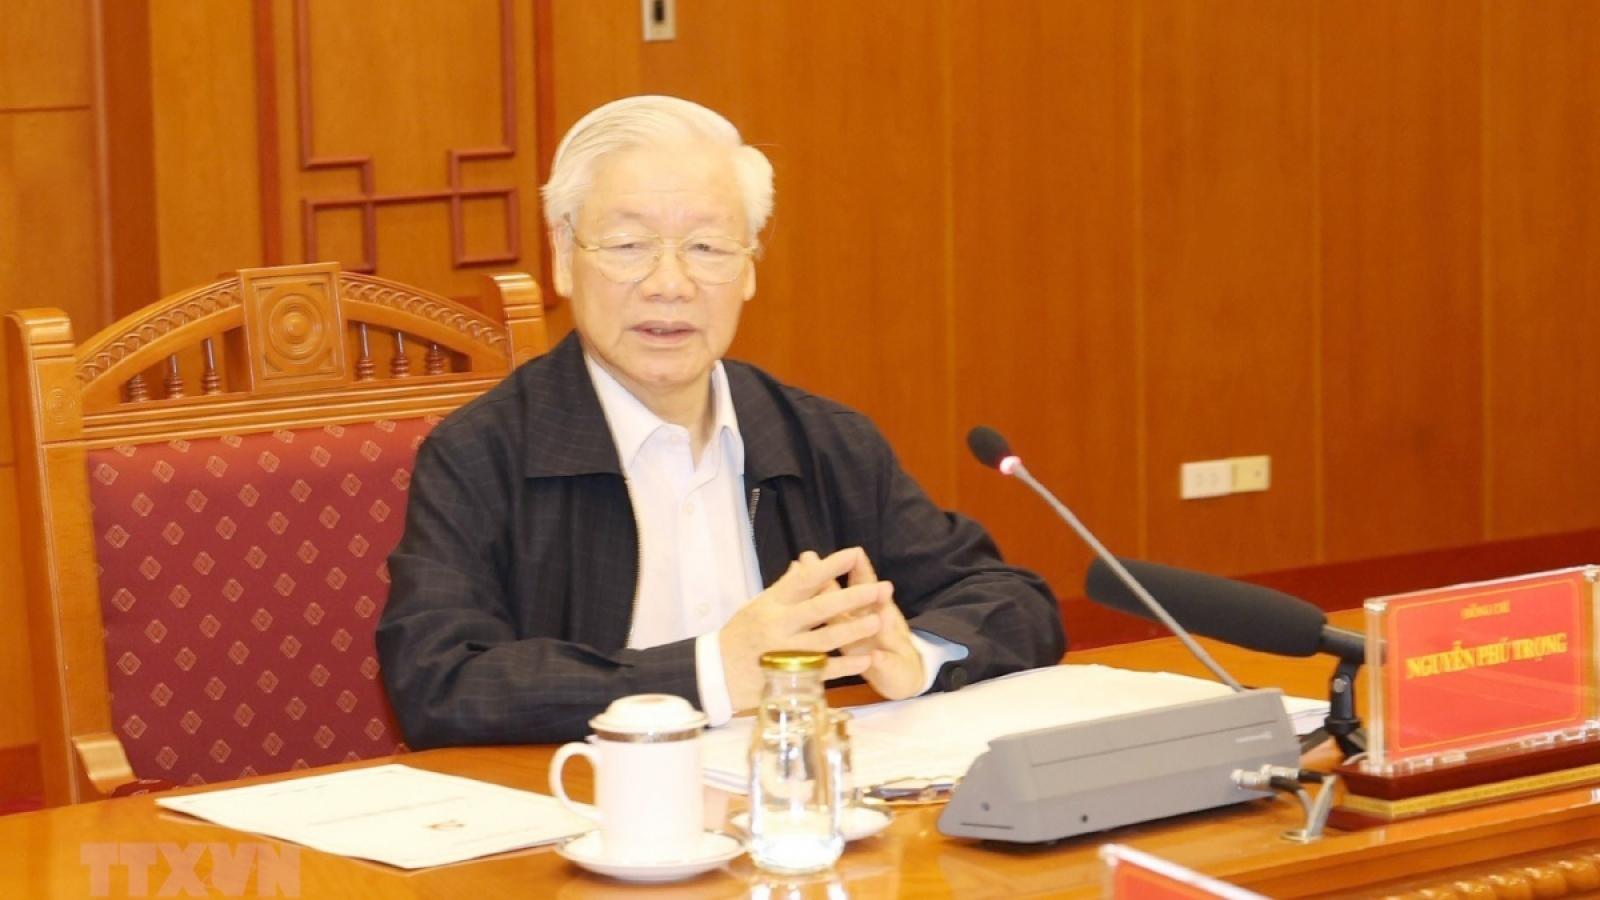 Hômnay, Tổng Bí thư chủ trì phiên họp Ban Chỉ đạo phòng, chống tham nhũng